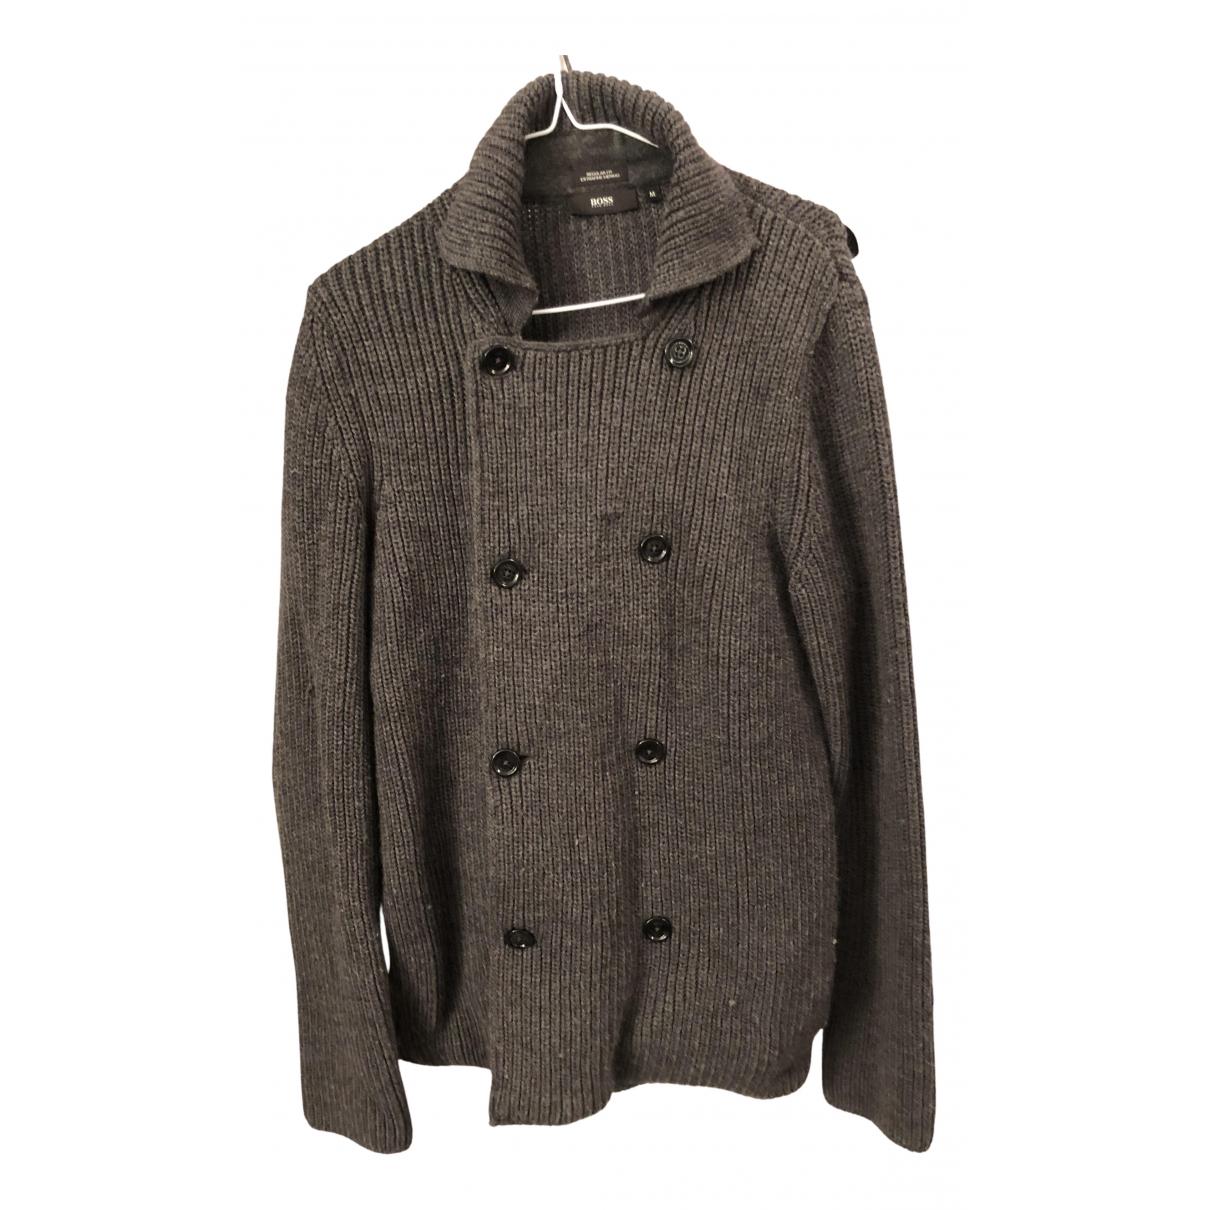 Boss N Grey Wool Knitwear & Sweatshirts for Men M International